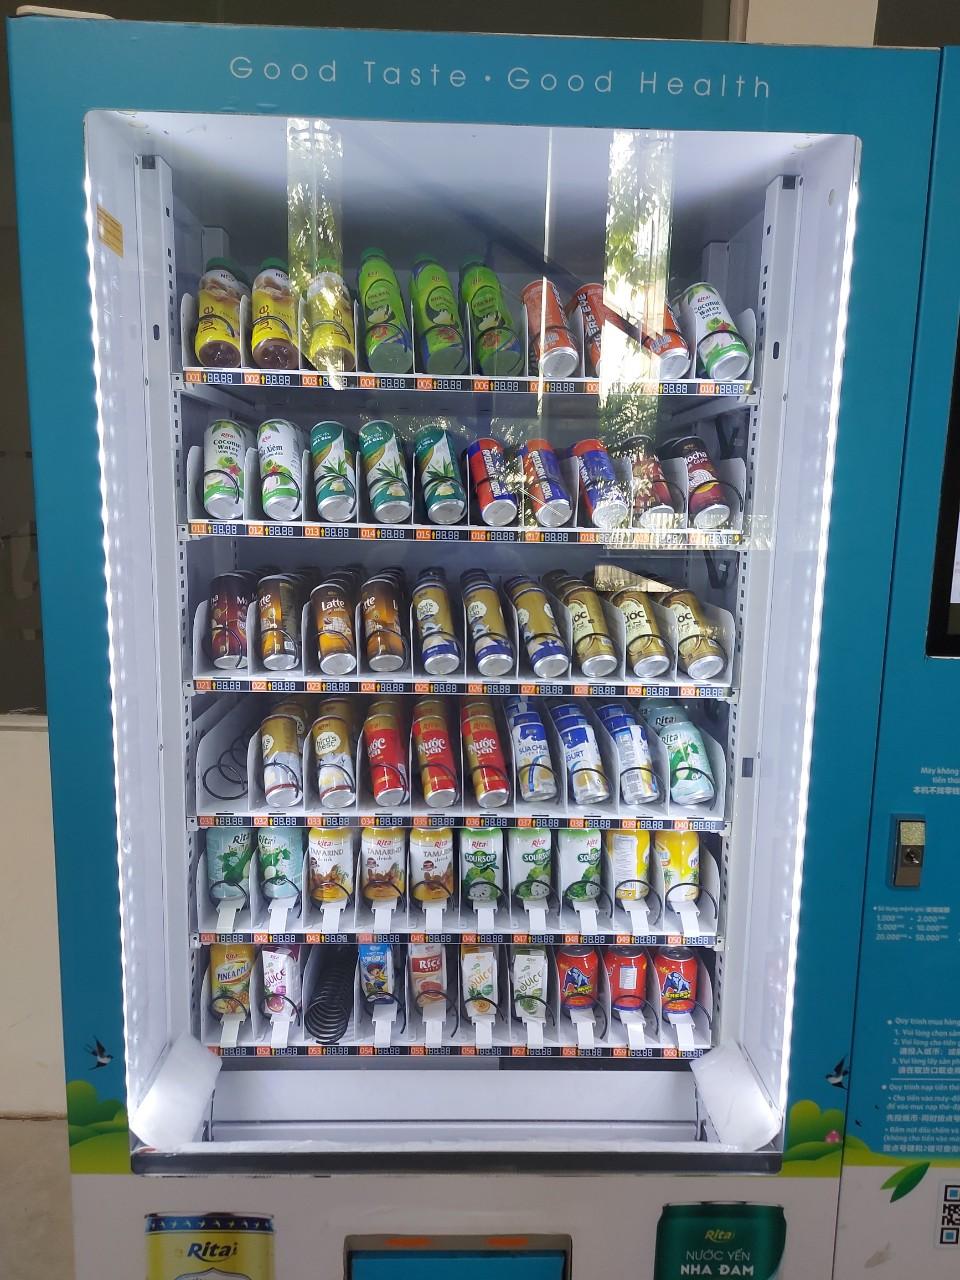 Tủ bán nước tự động có 6 ngăn với 360 sản phẩm